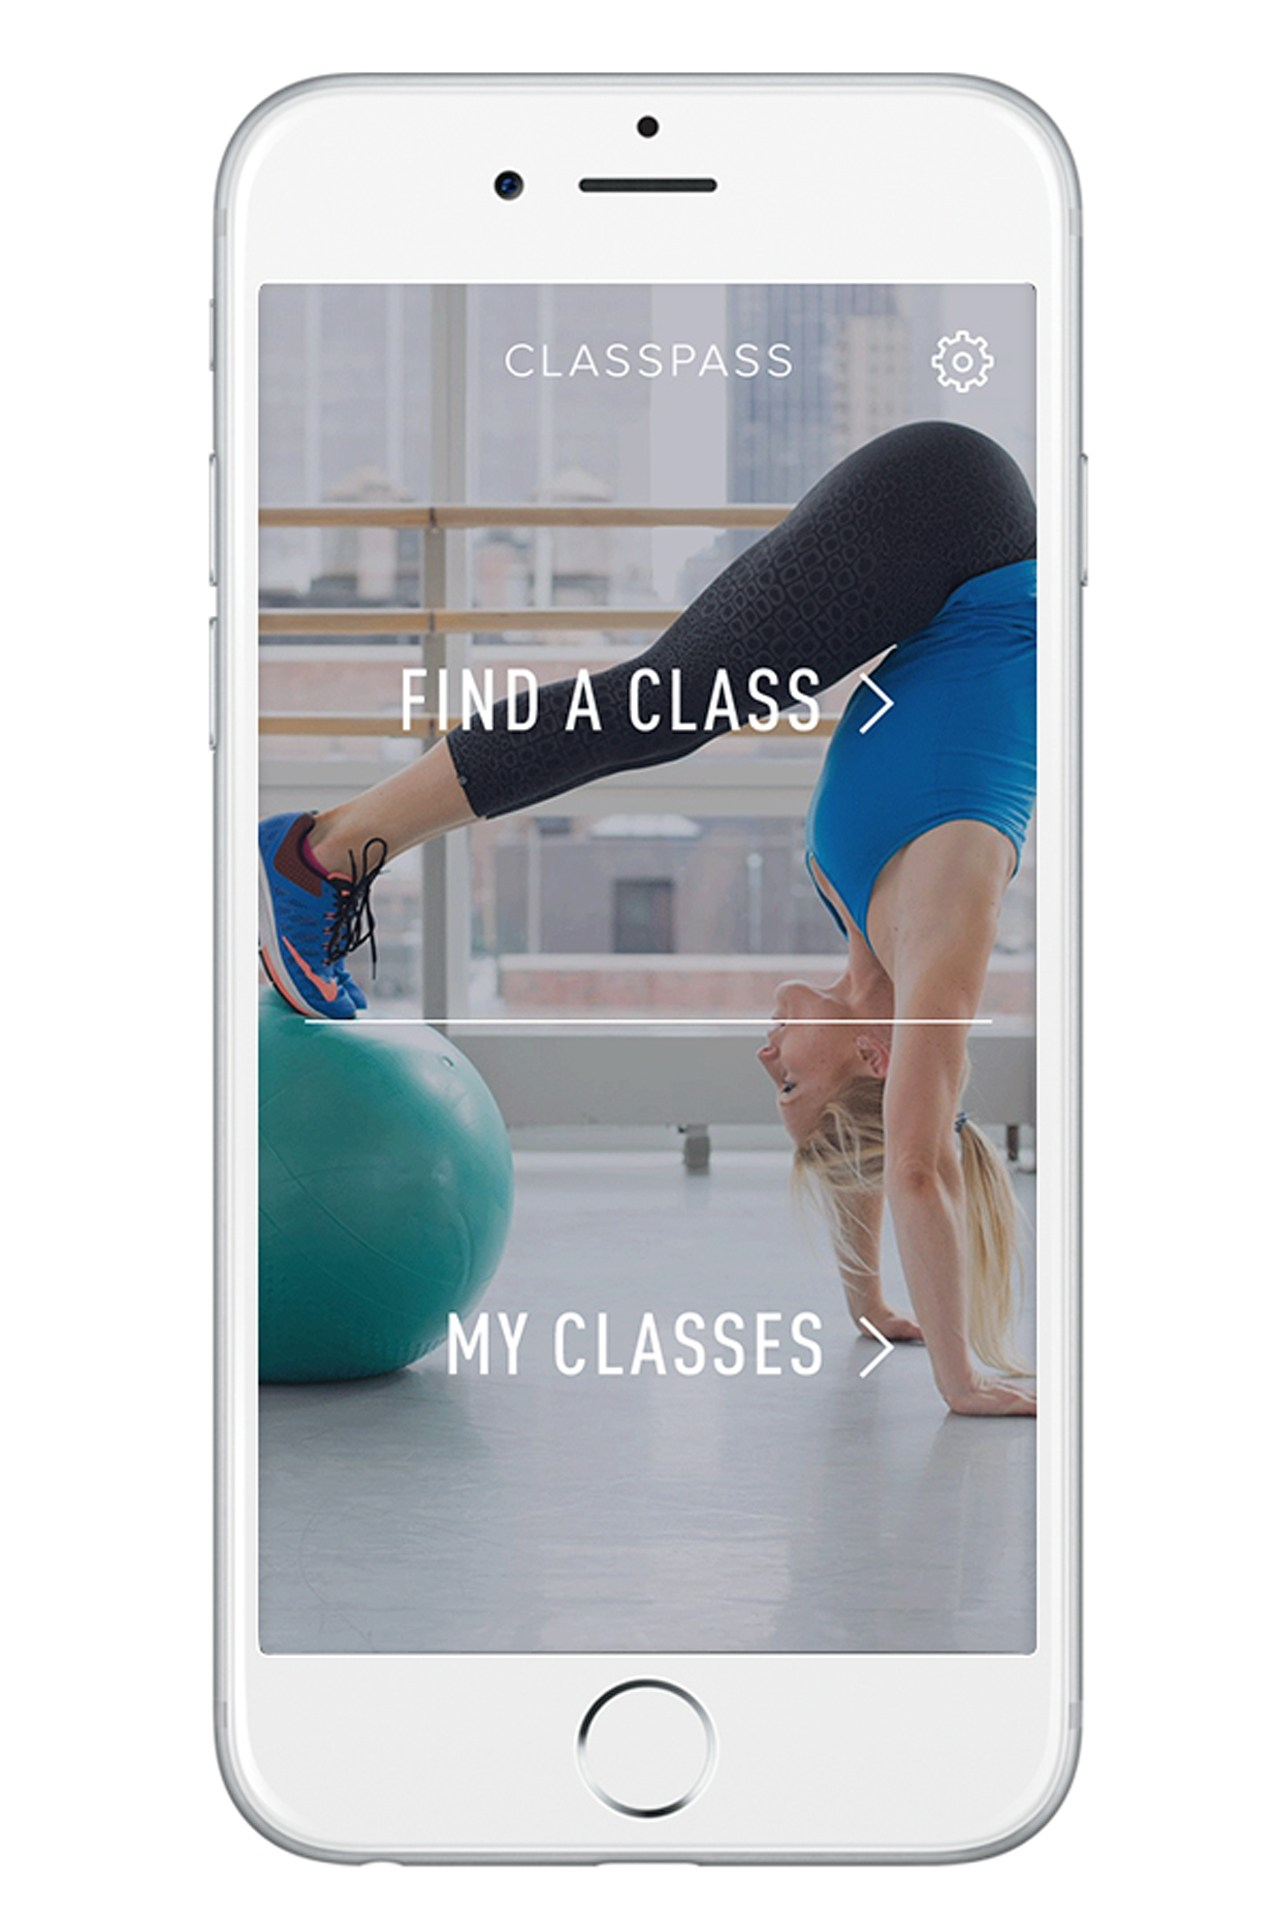 Via Classpass.com